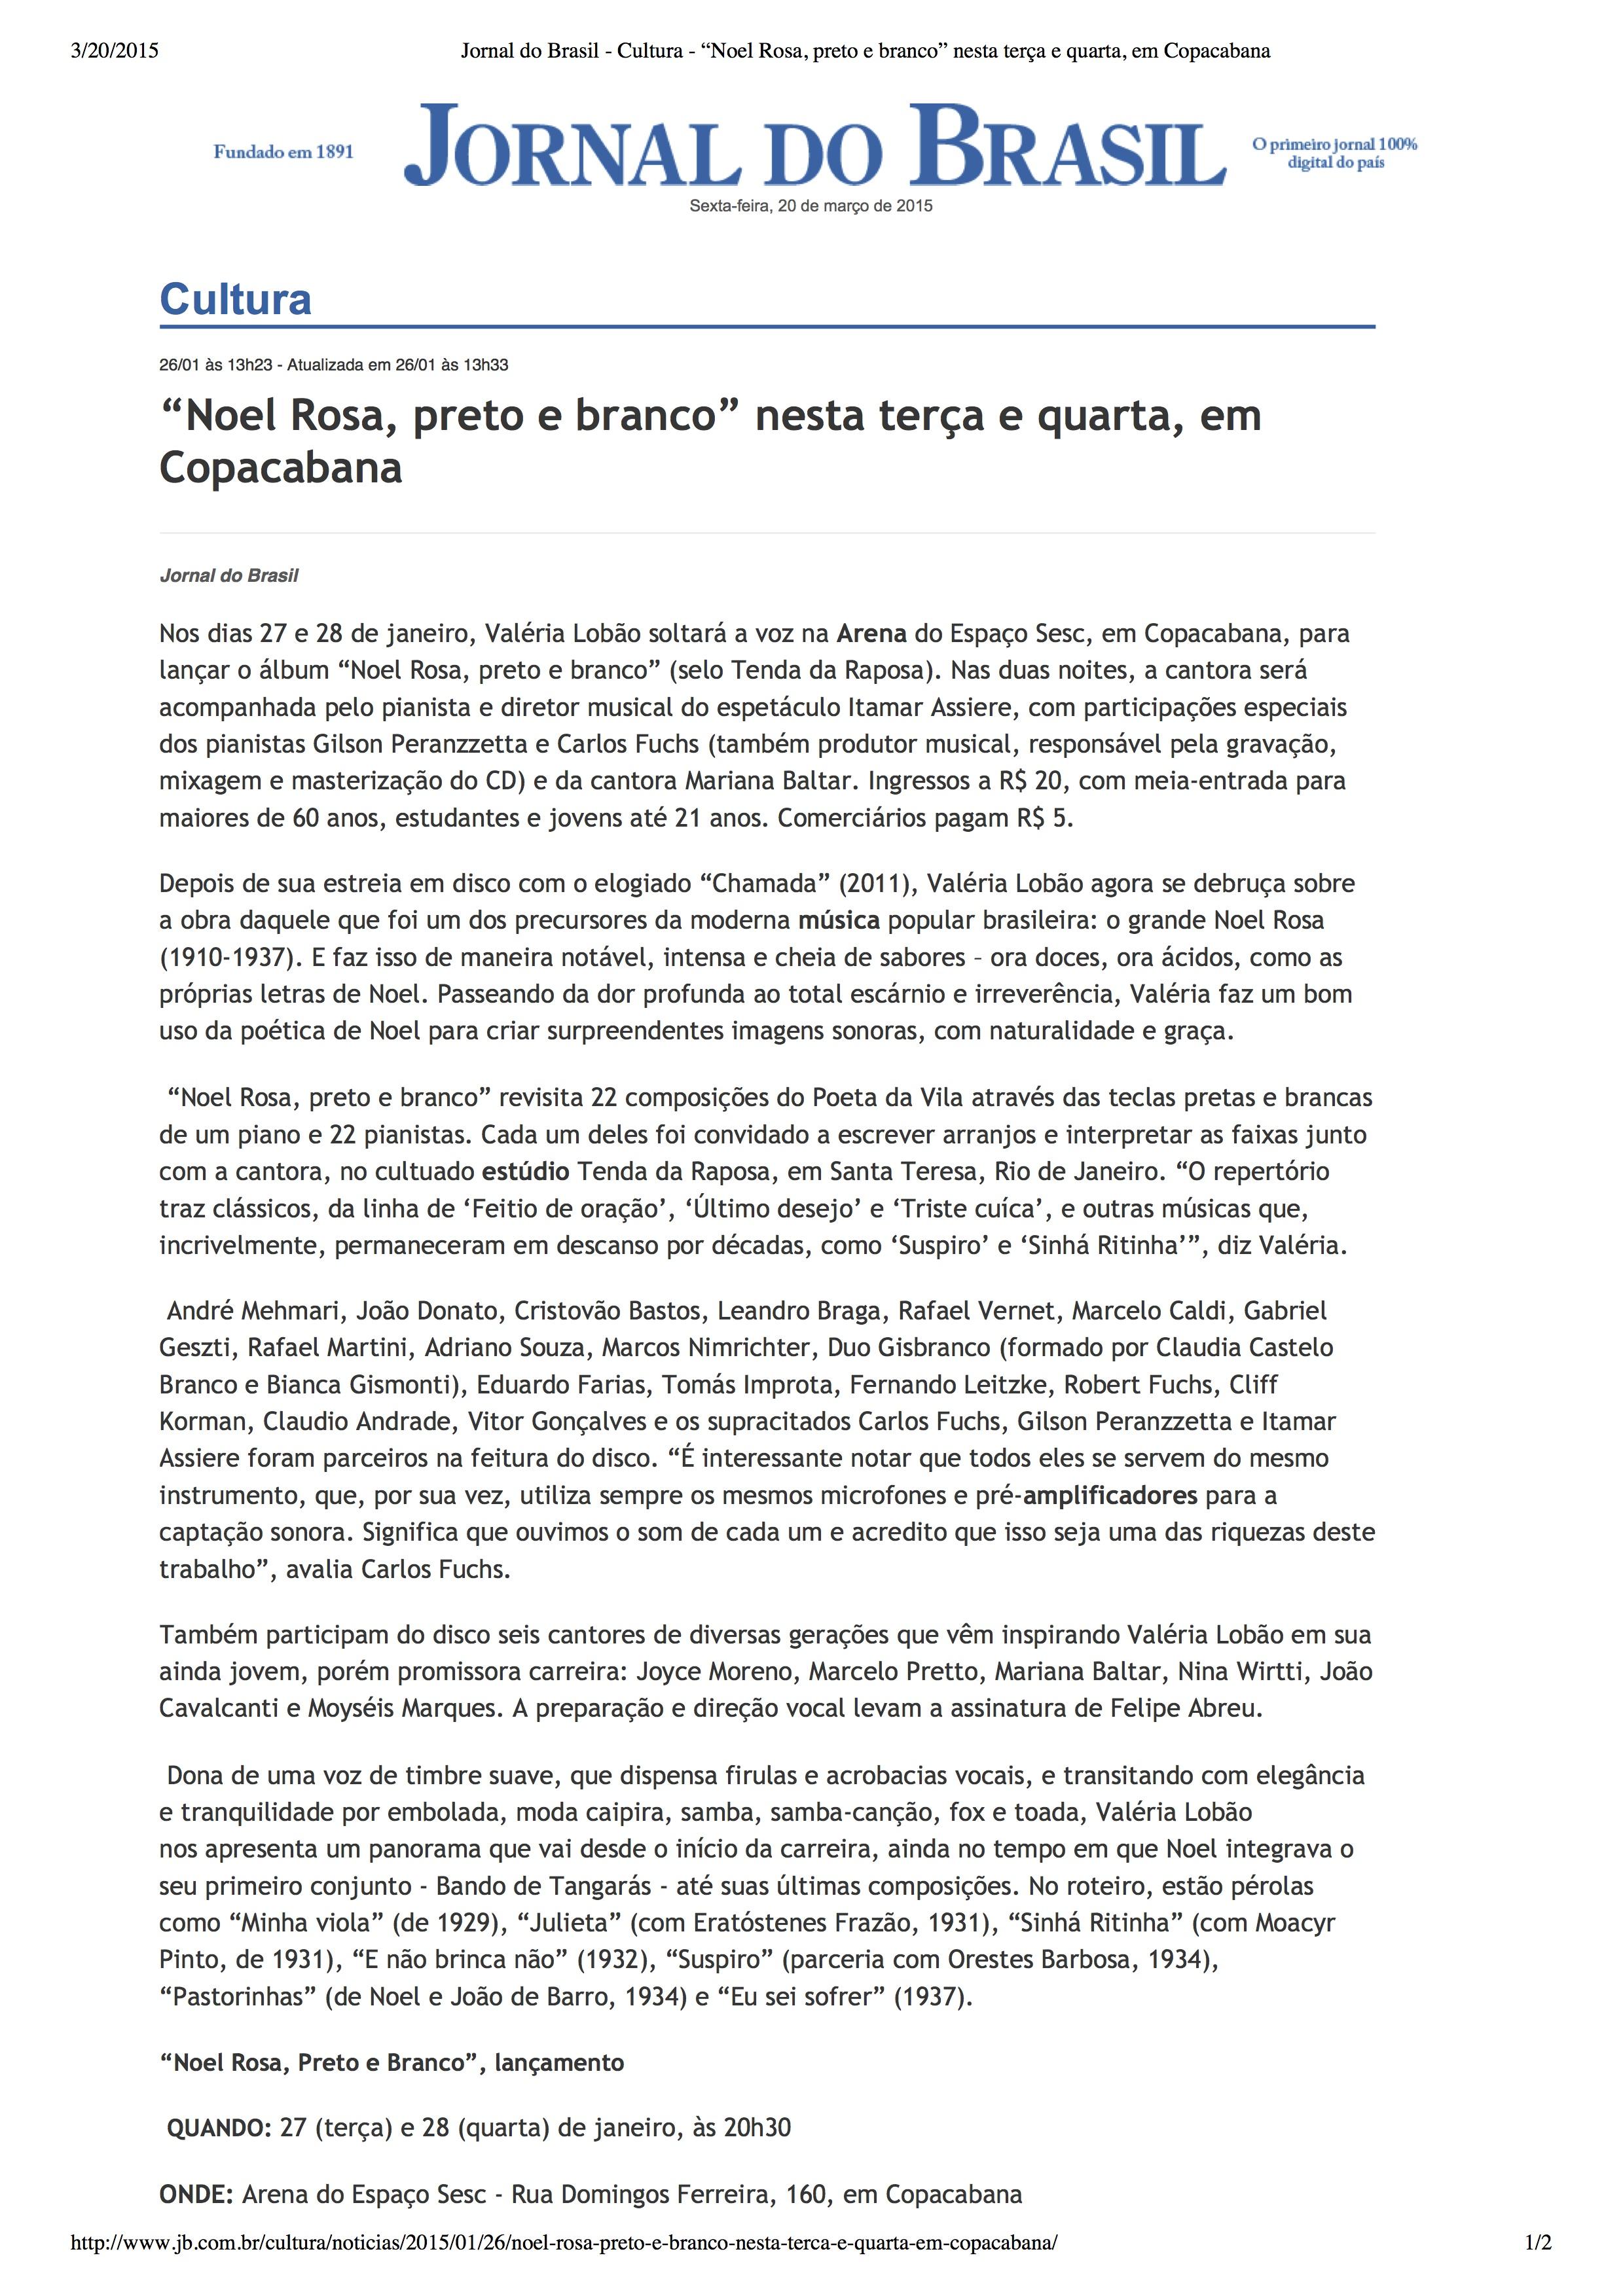 JORNAL DO BRASIL - 01.2015